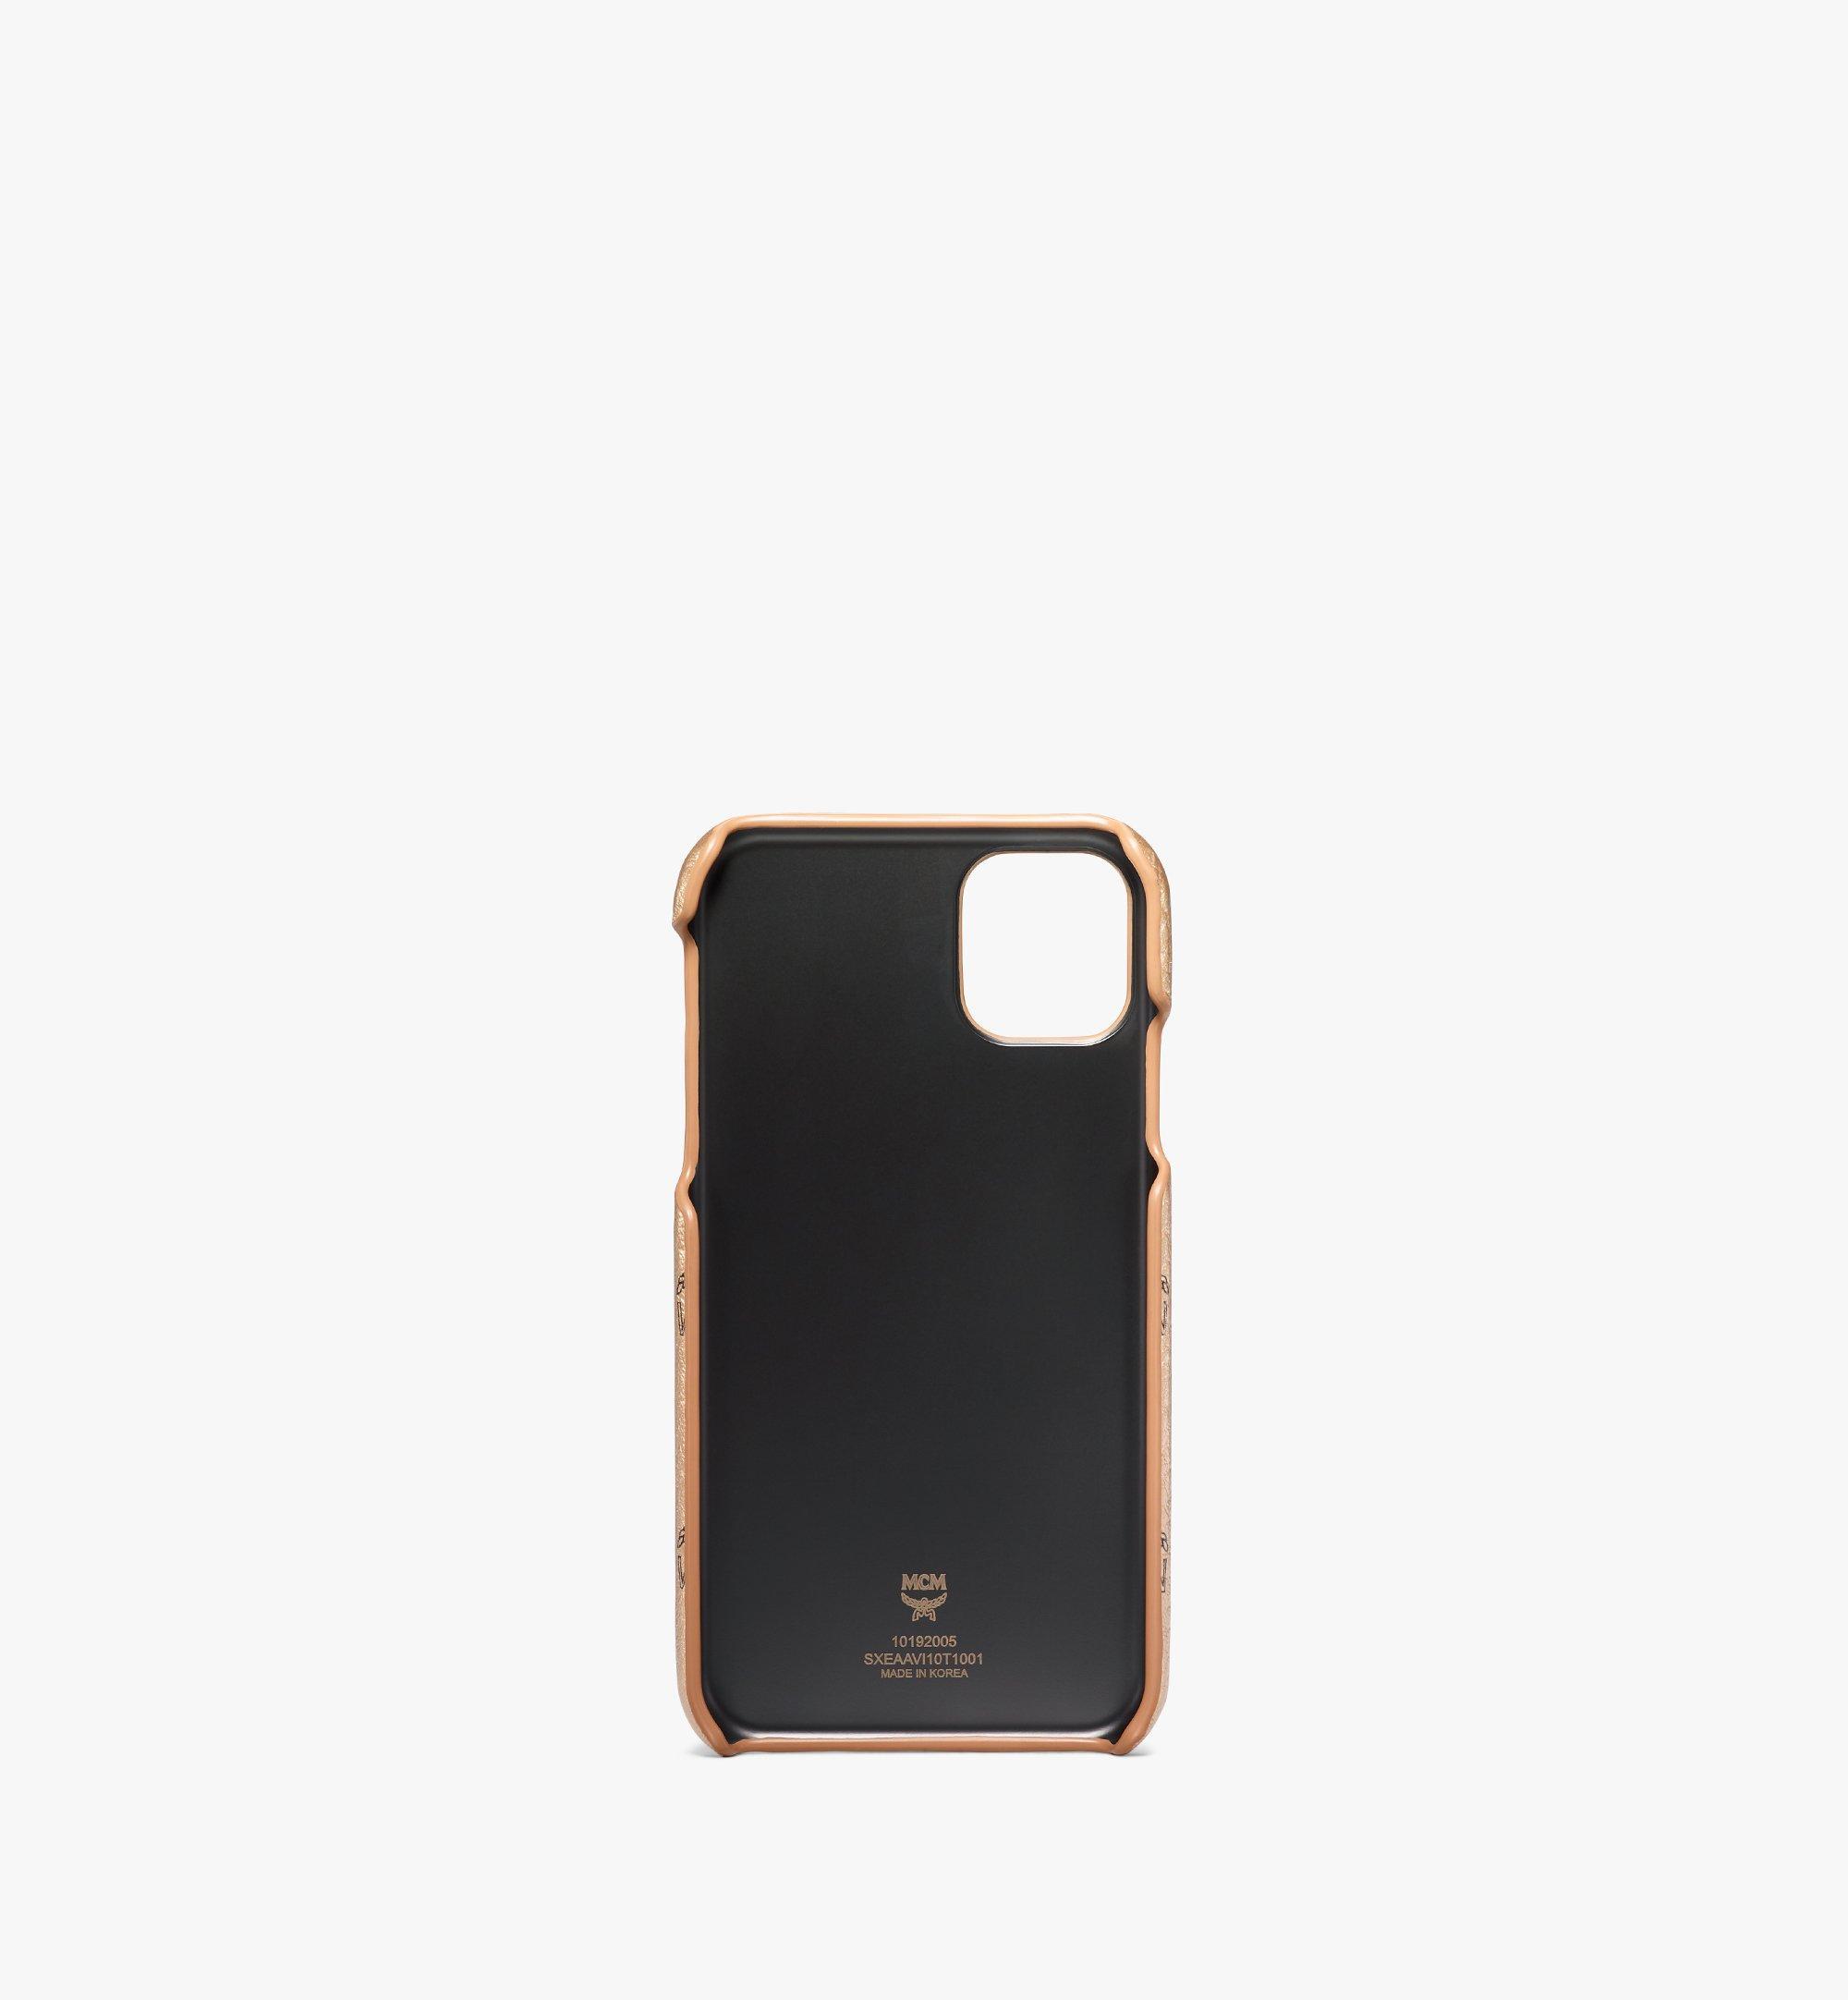 MCM iPhone 11 Case in Visetos Original Gold MXEAAVI10T1001 Alternate View 2